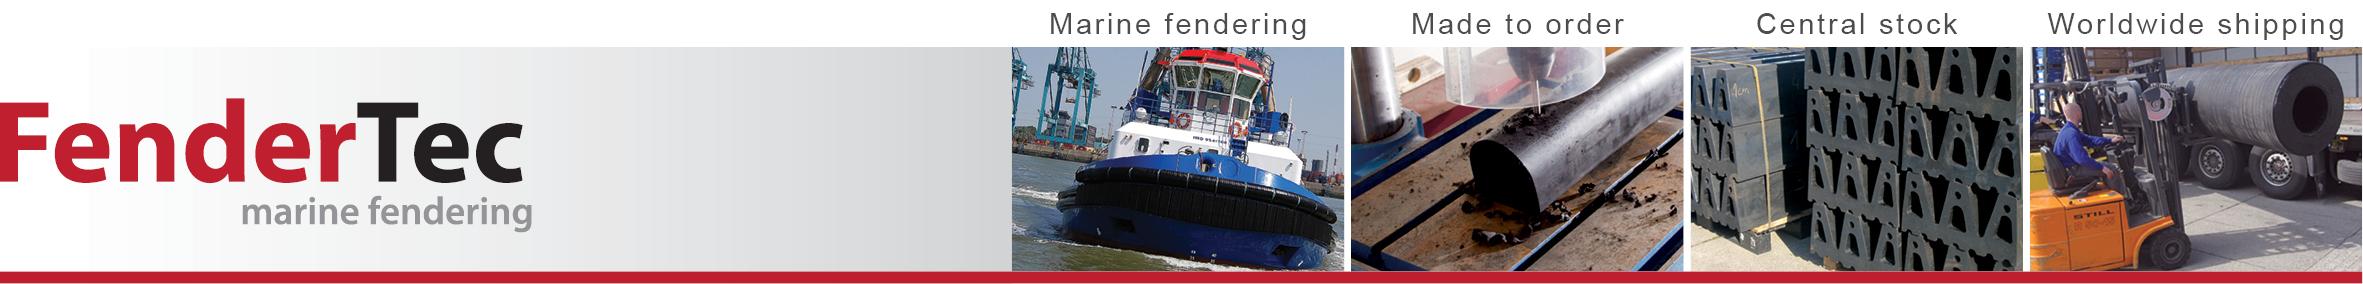 Fendertec_signature_Marine-fendering